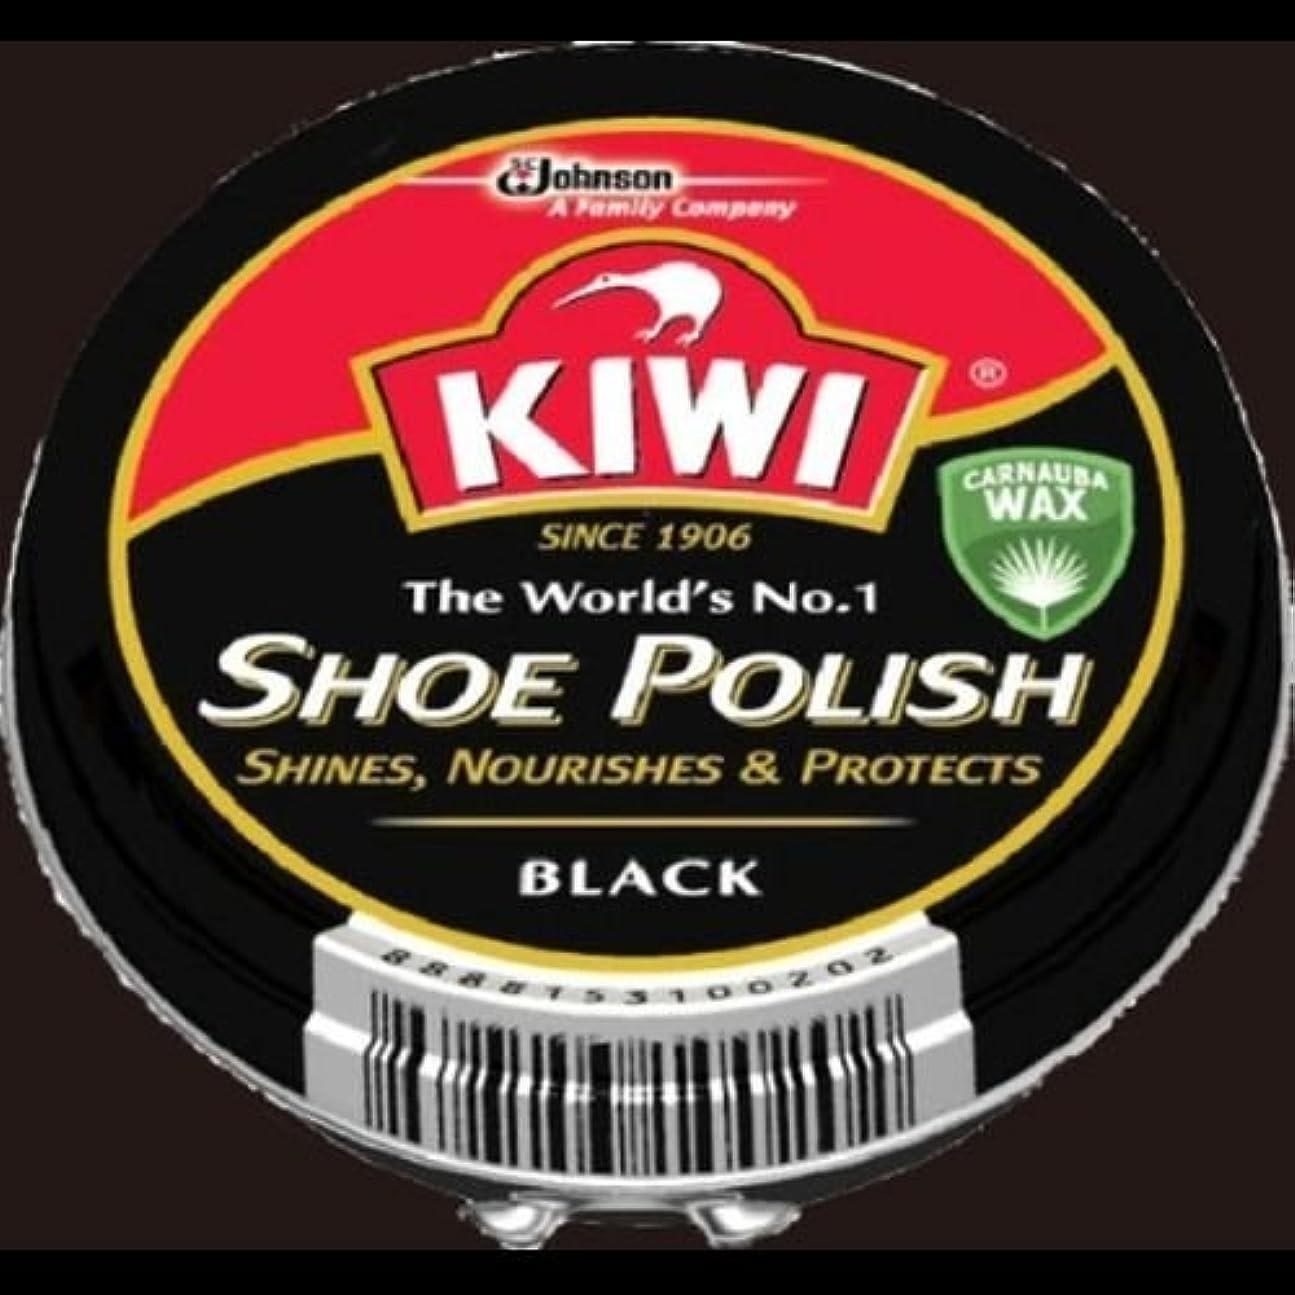 フェロー諸島額ピアースキィウイ 油性靴クリーム 黒 45ml ×2セット